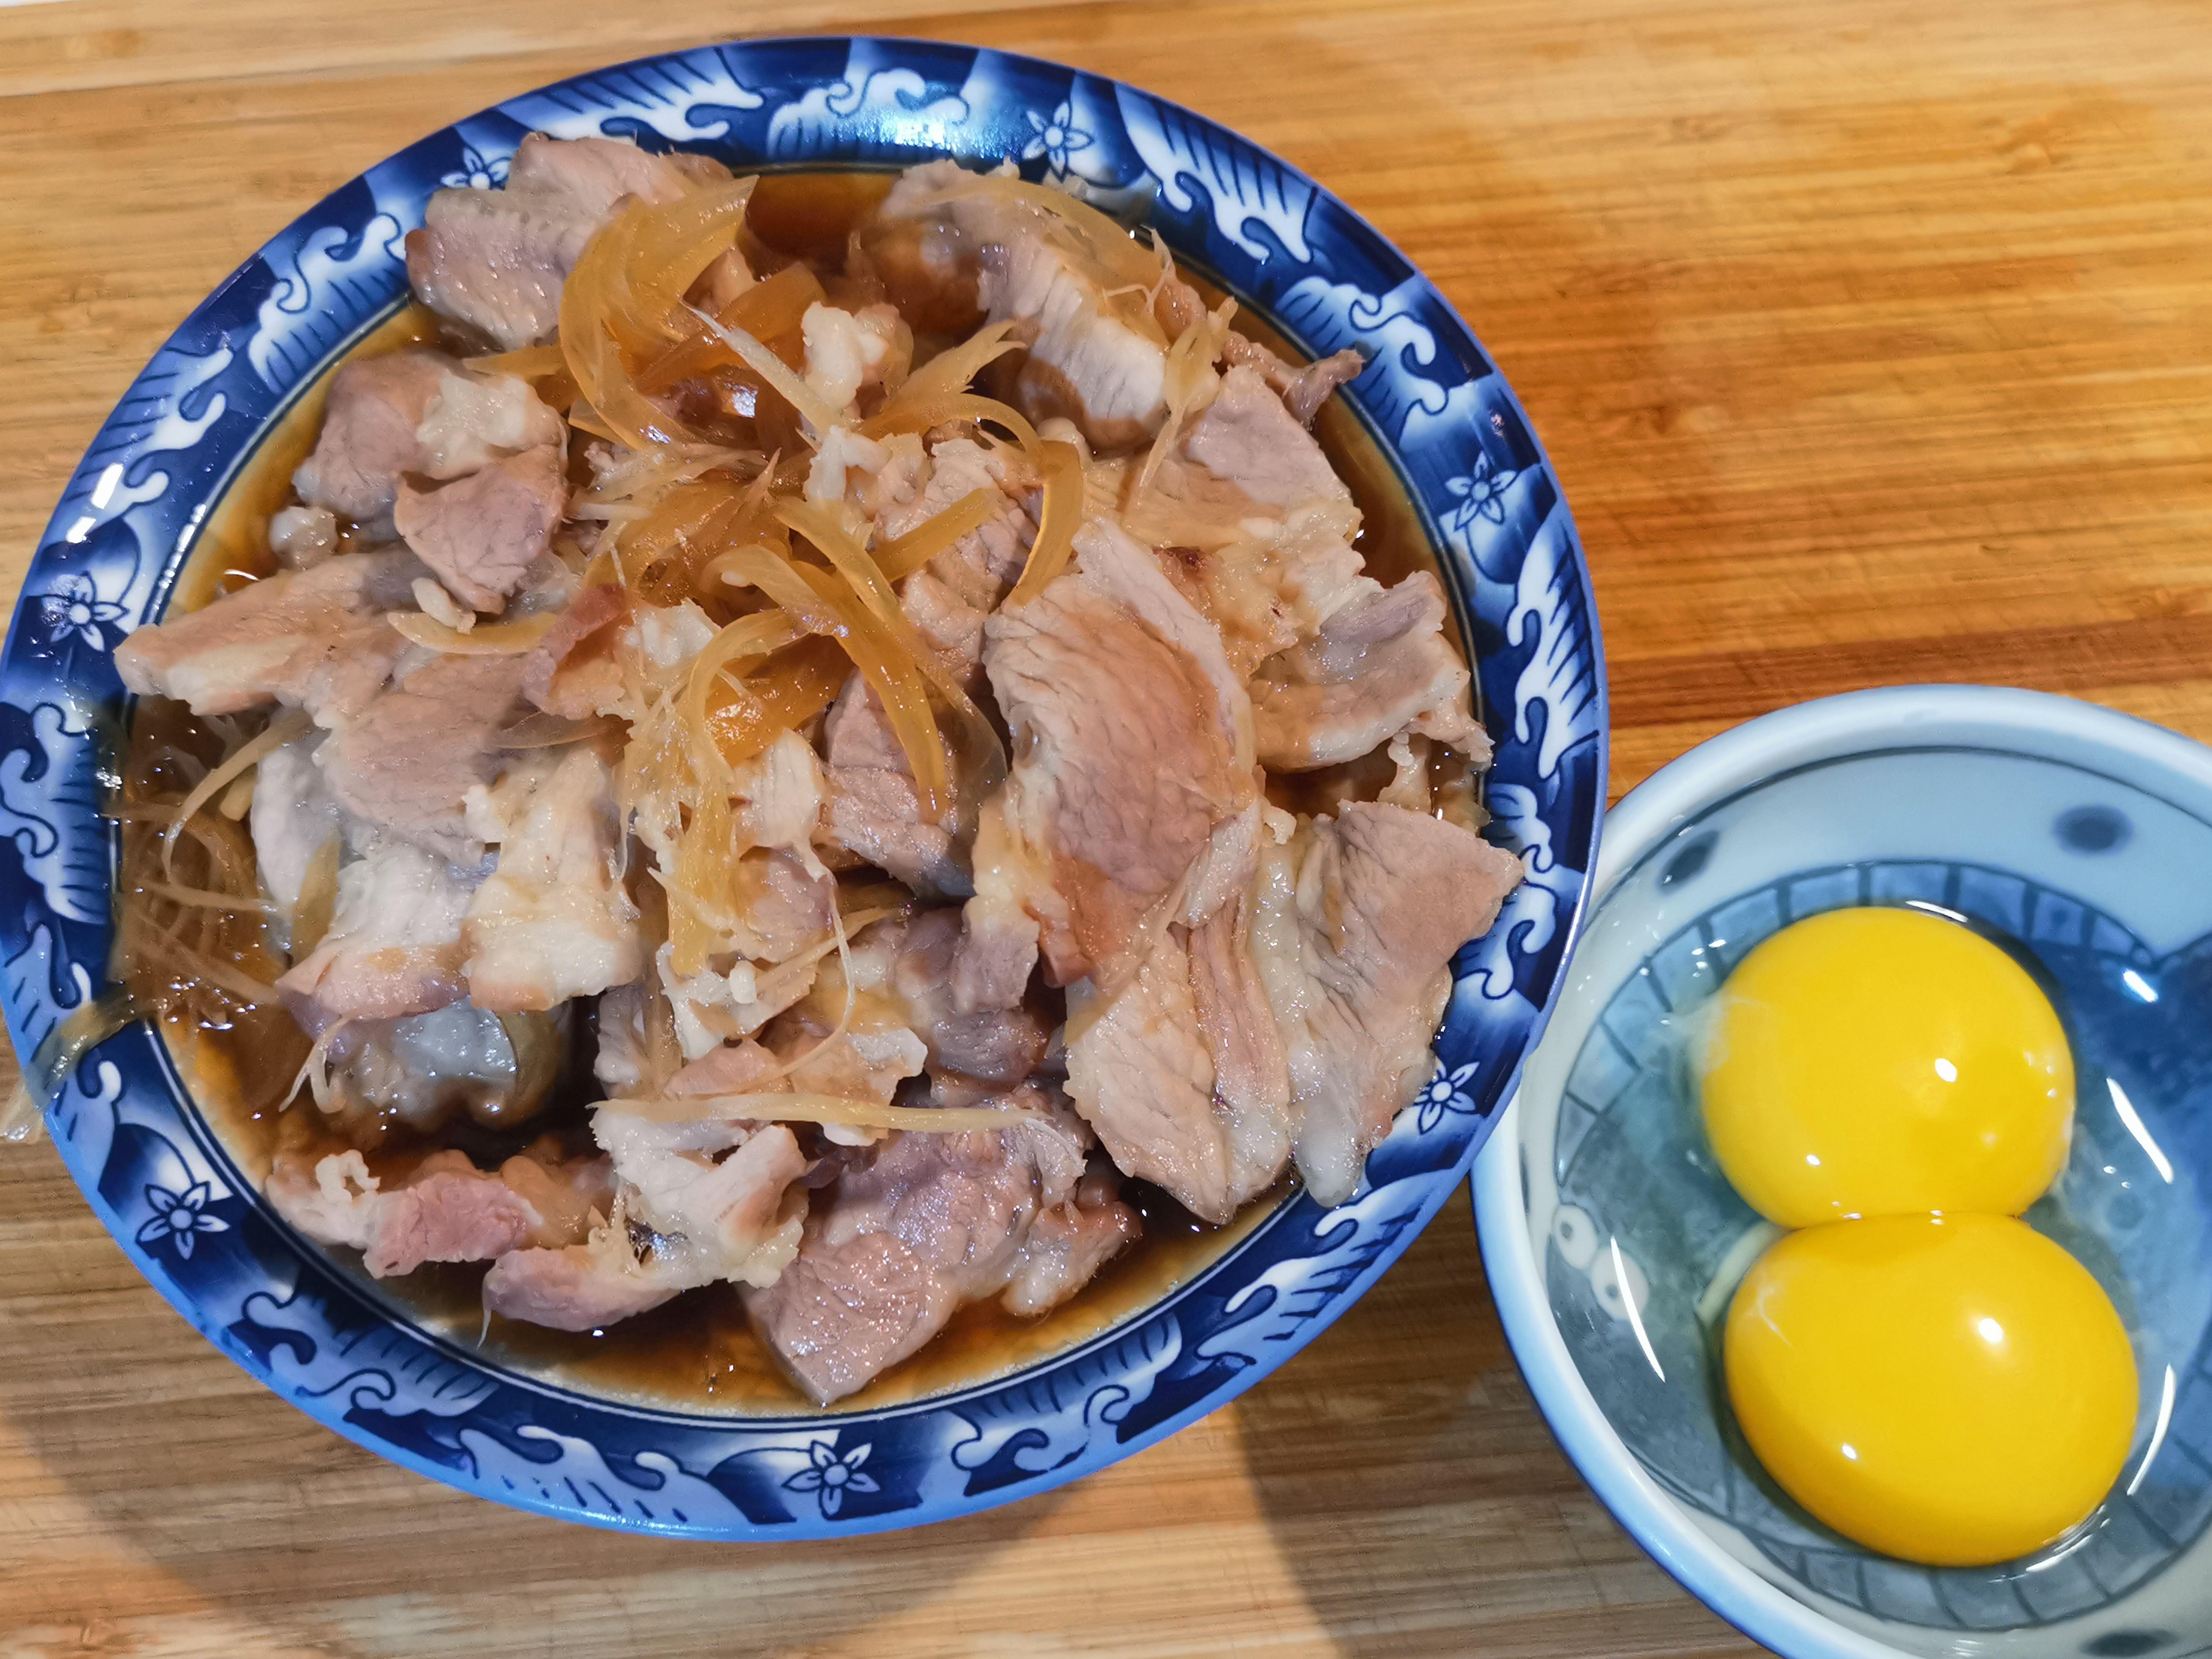 和風豚肉壽喜燒(純豚蓋飯版本)